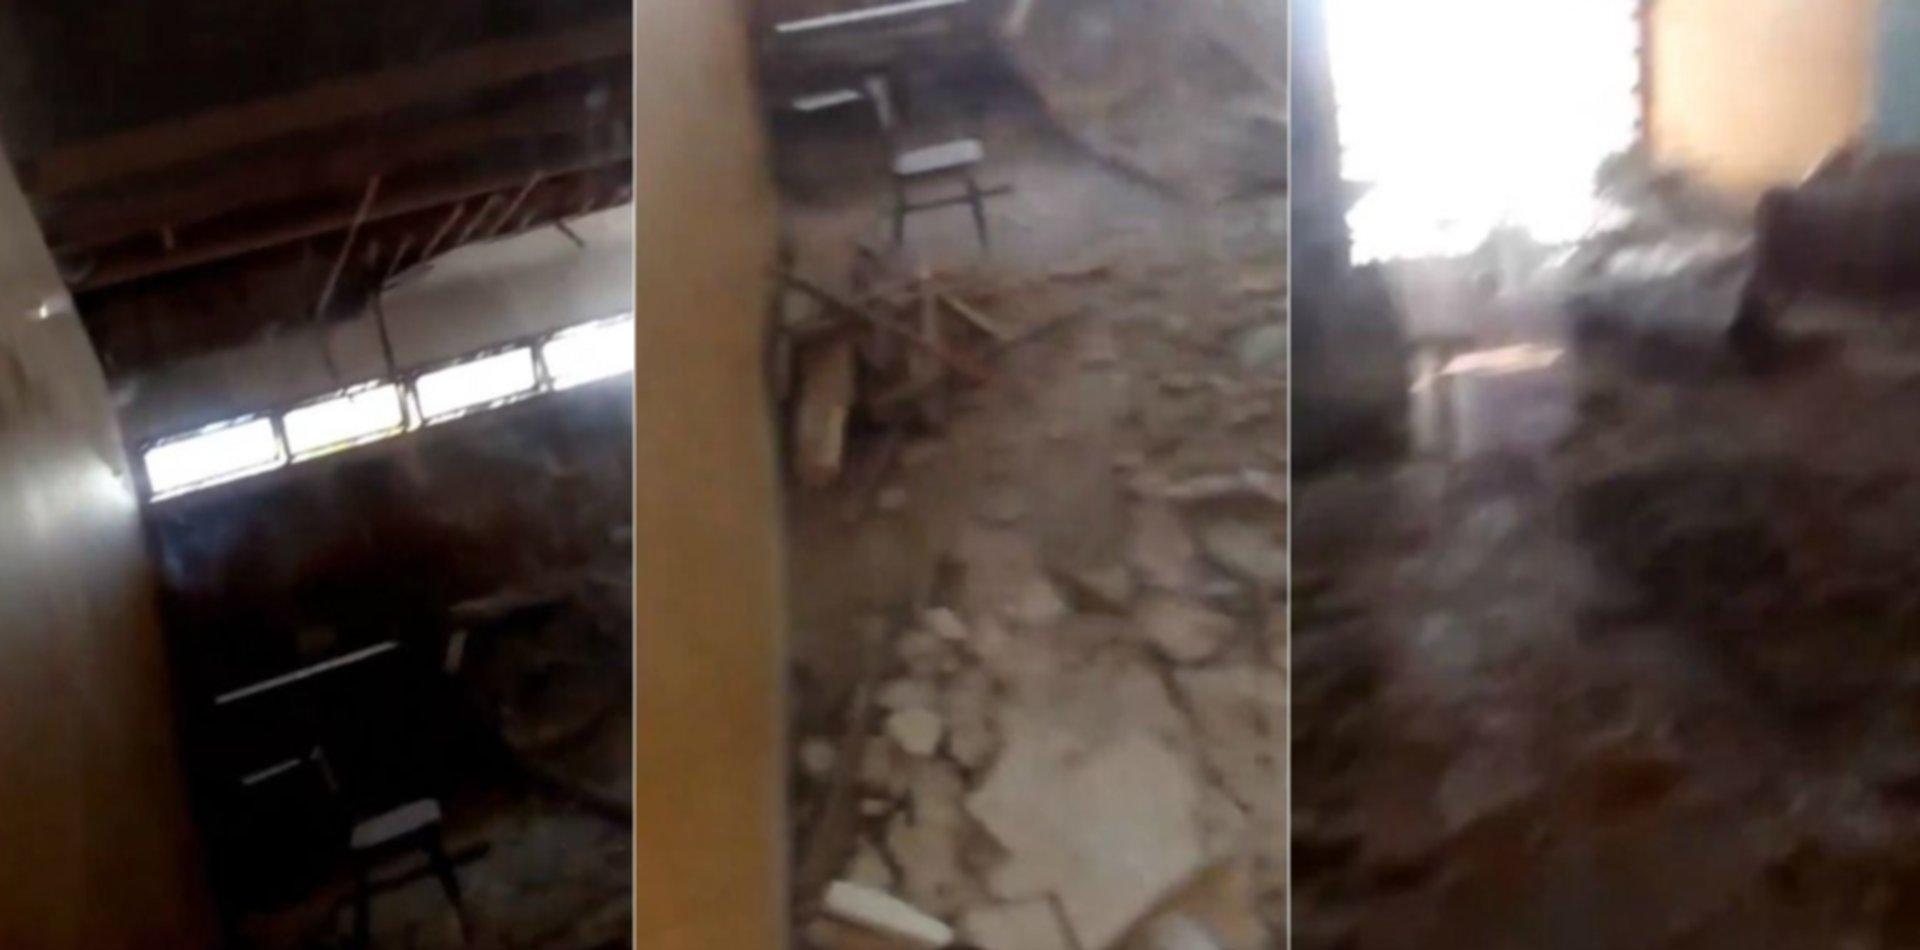 Al borde de la tragedia: se desplomó el techo de un aula en una escuela de La Plata